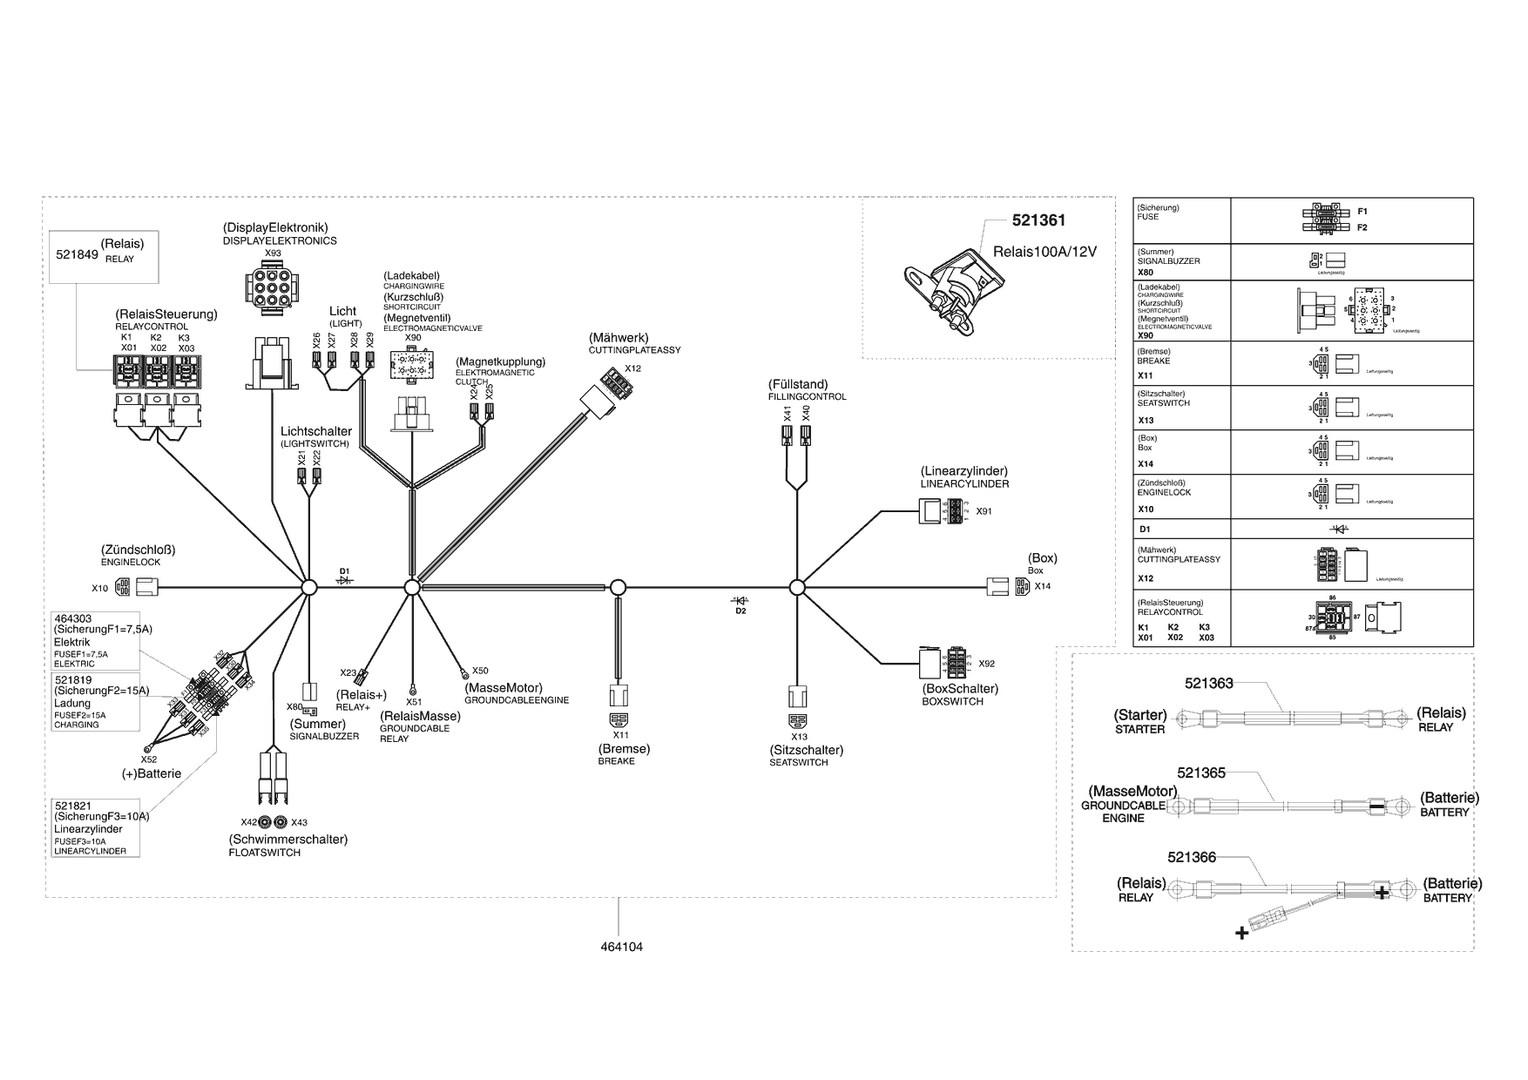 ersatzteile und zeichnung von al ko f r rasentraktor t 18 2 102 hde. Black Bedroom Furniture Sets. Home Design Ideas